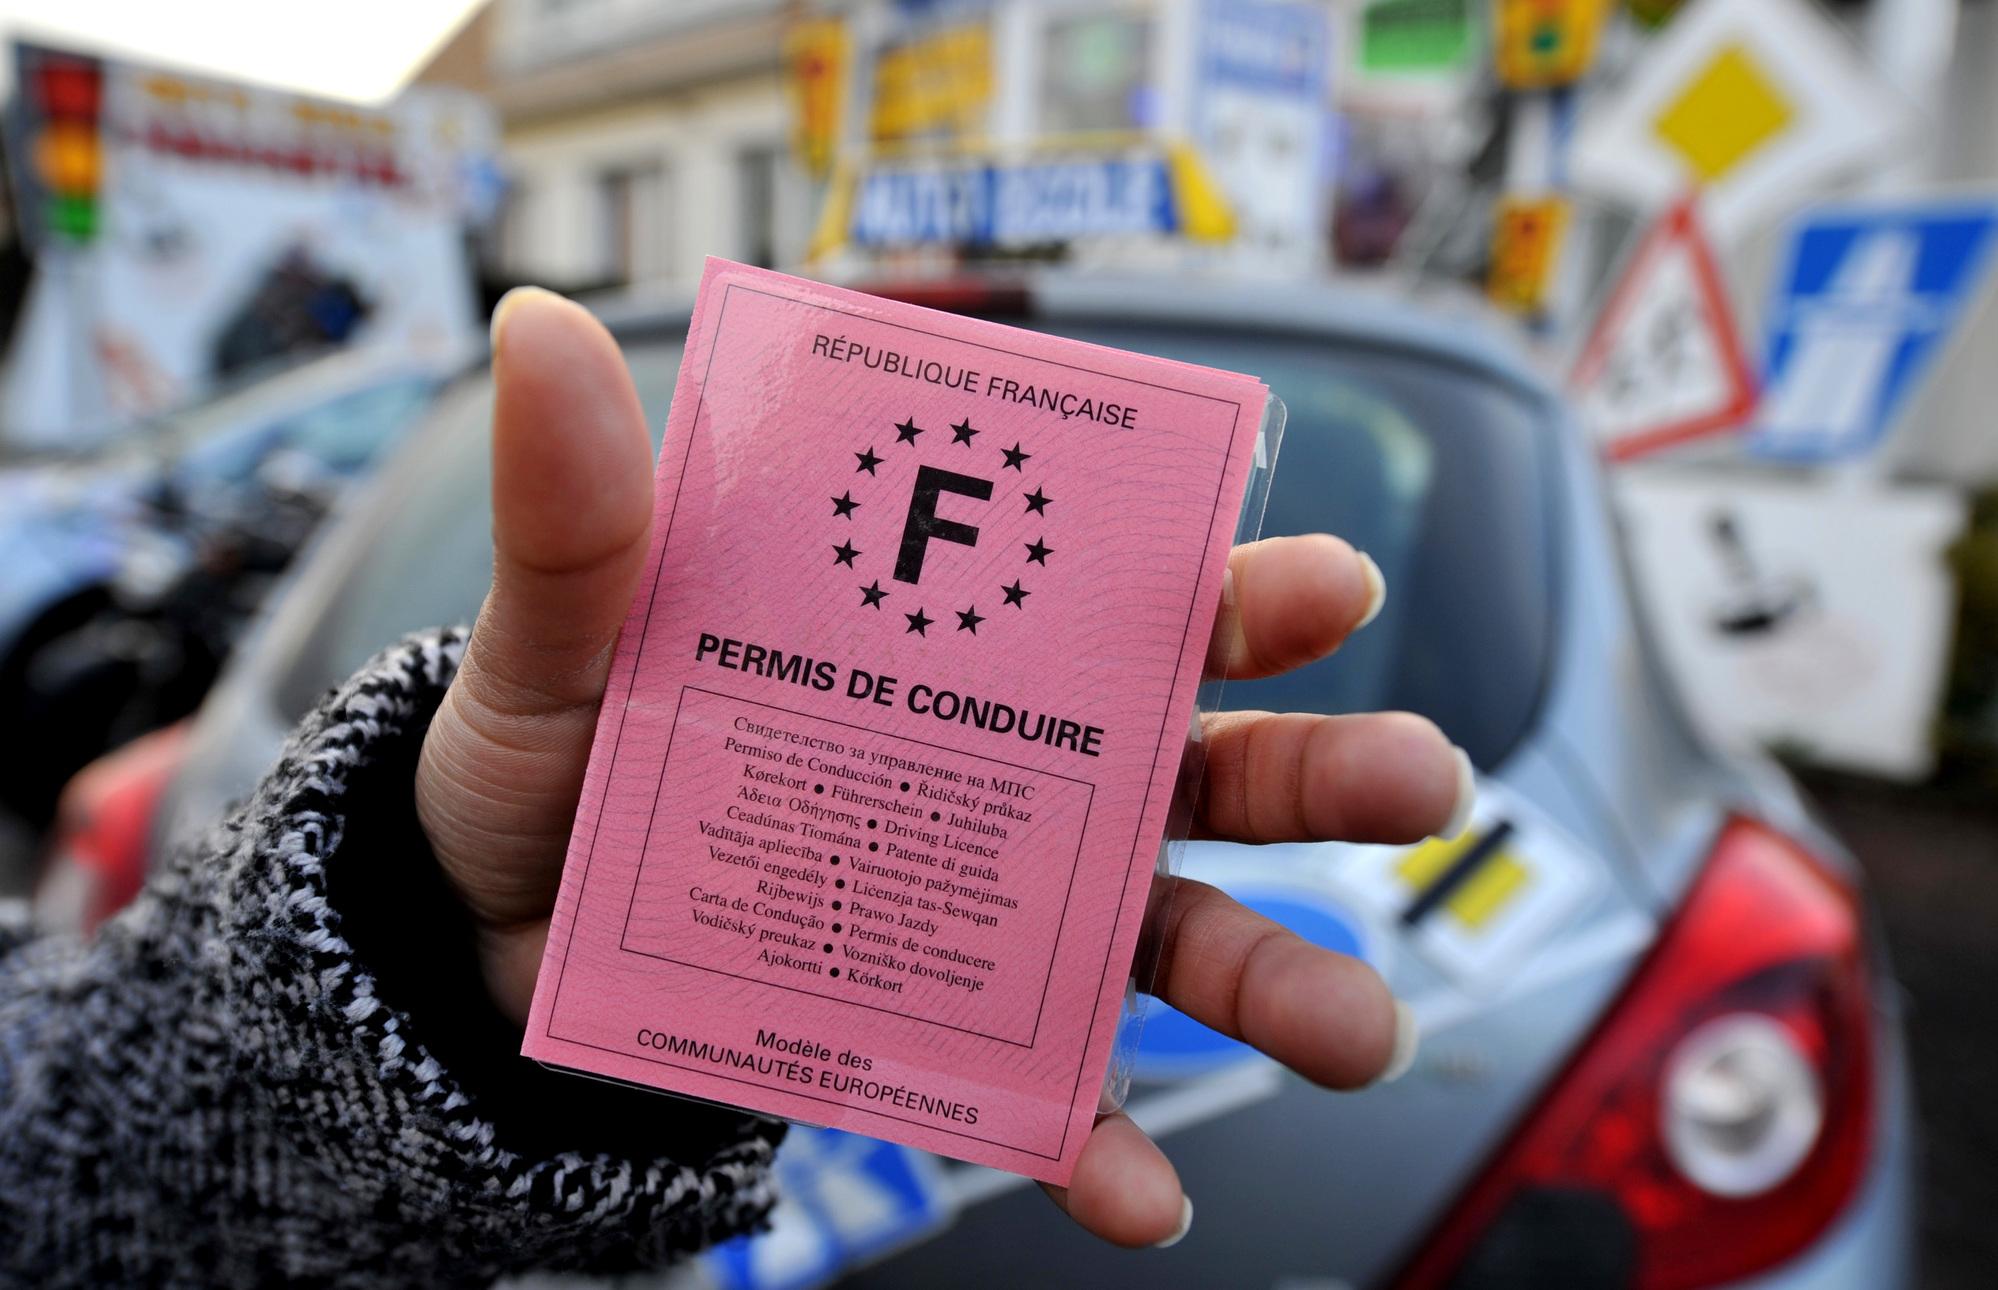 Une « charte du conduite responsable » obligatoire après l'obtention du permis